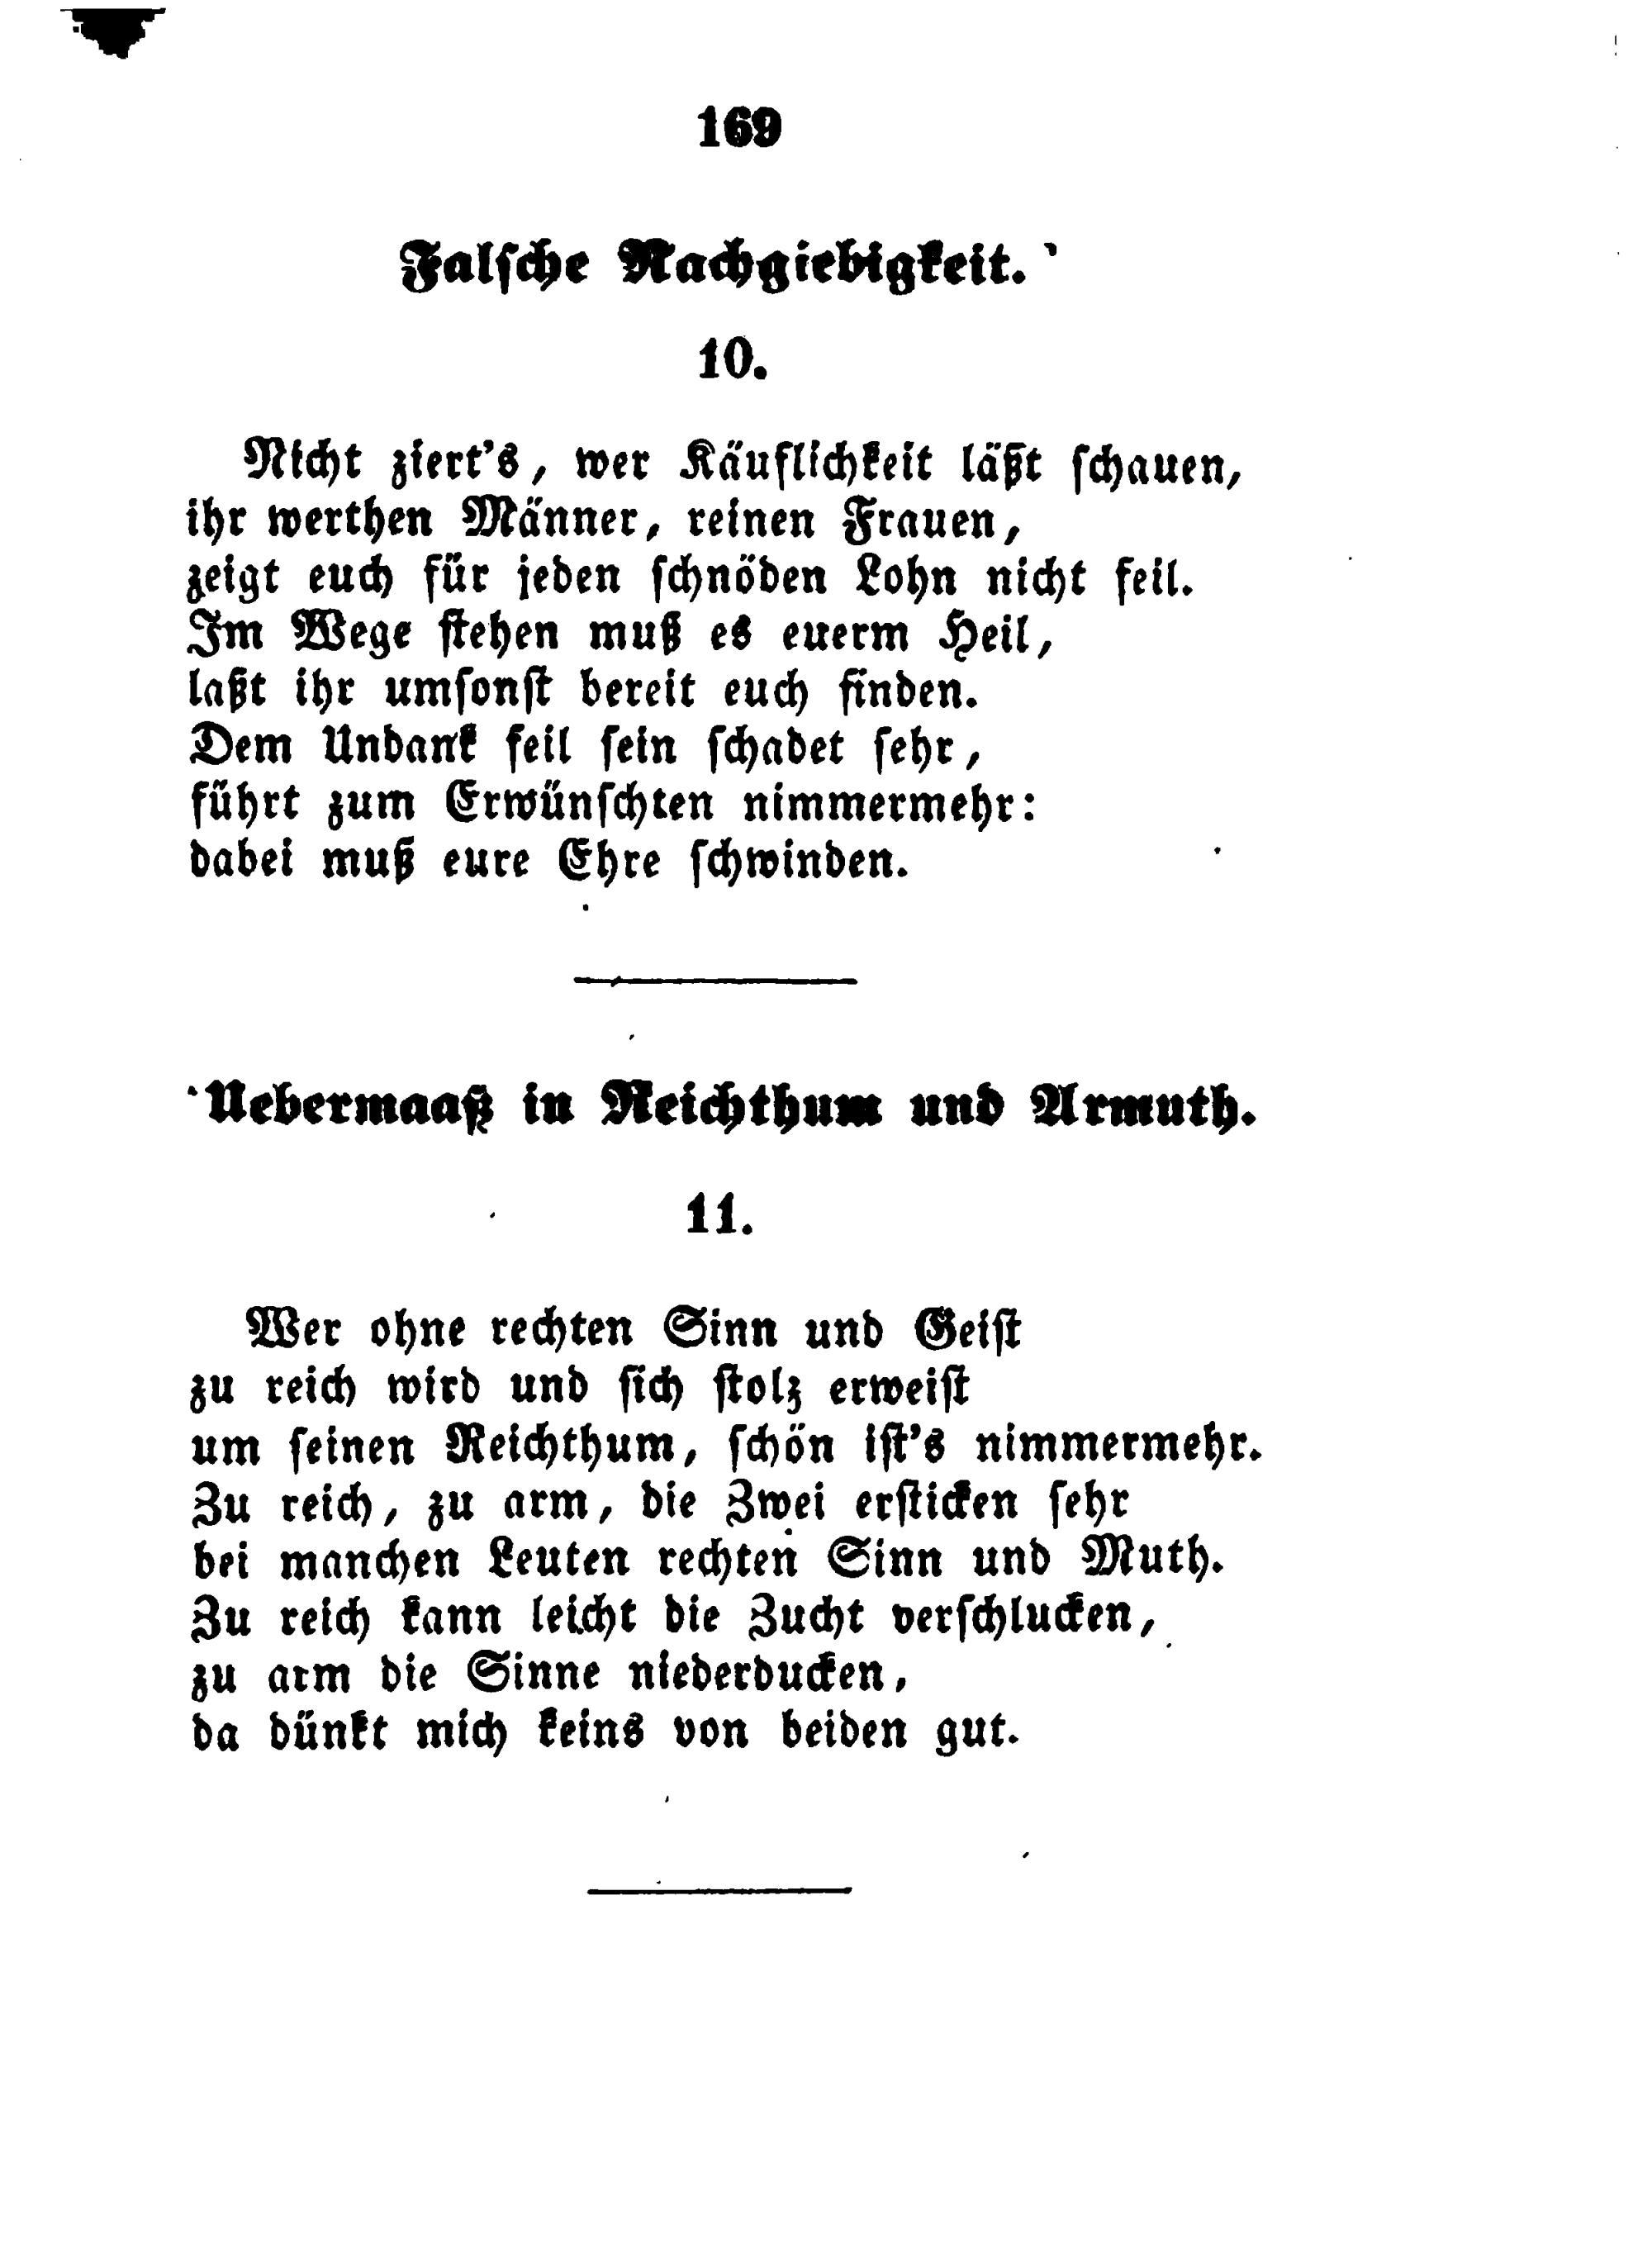 File:De Koch Gedichte 169.jpg - Wikimedia Commons